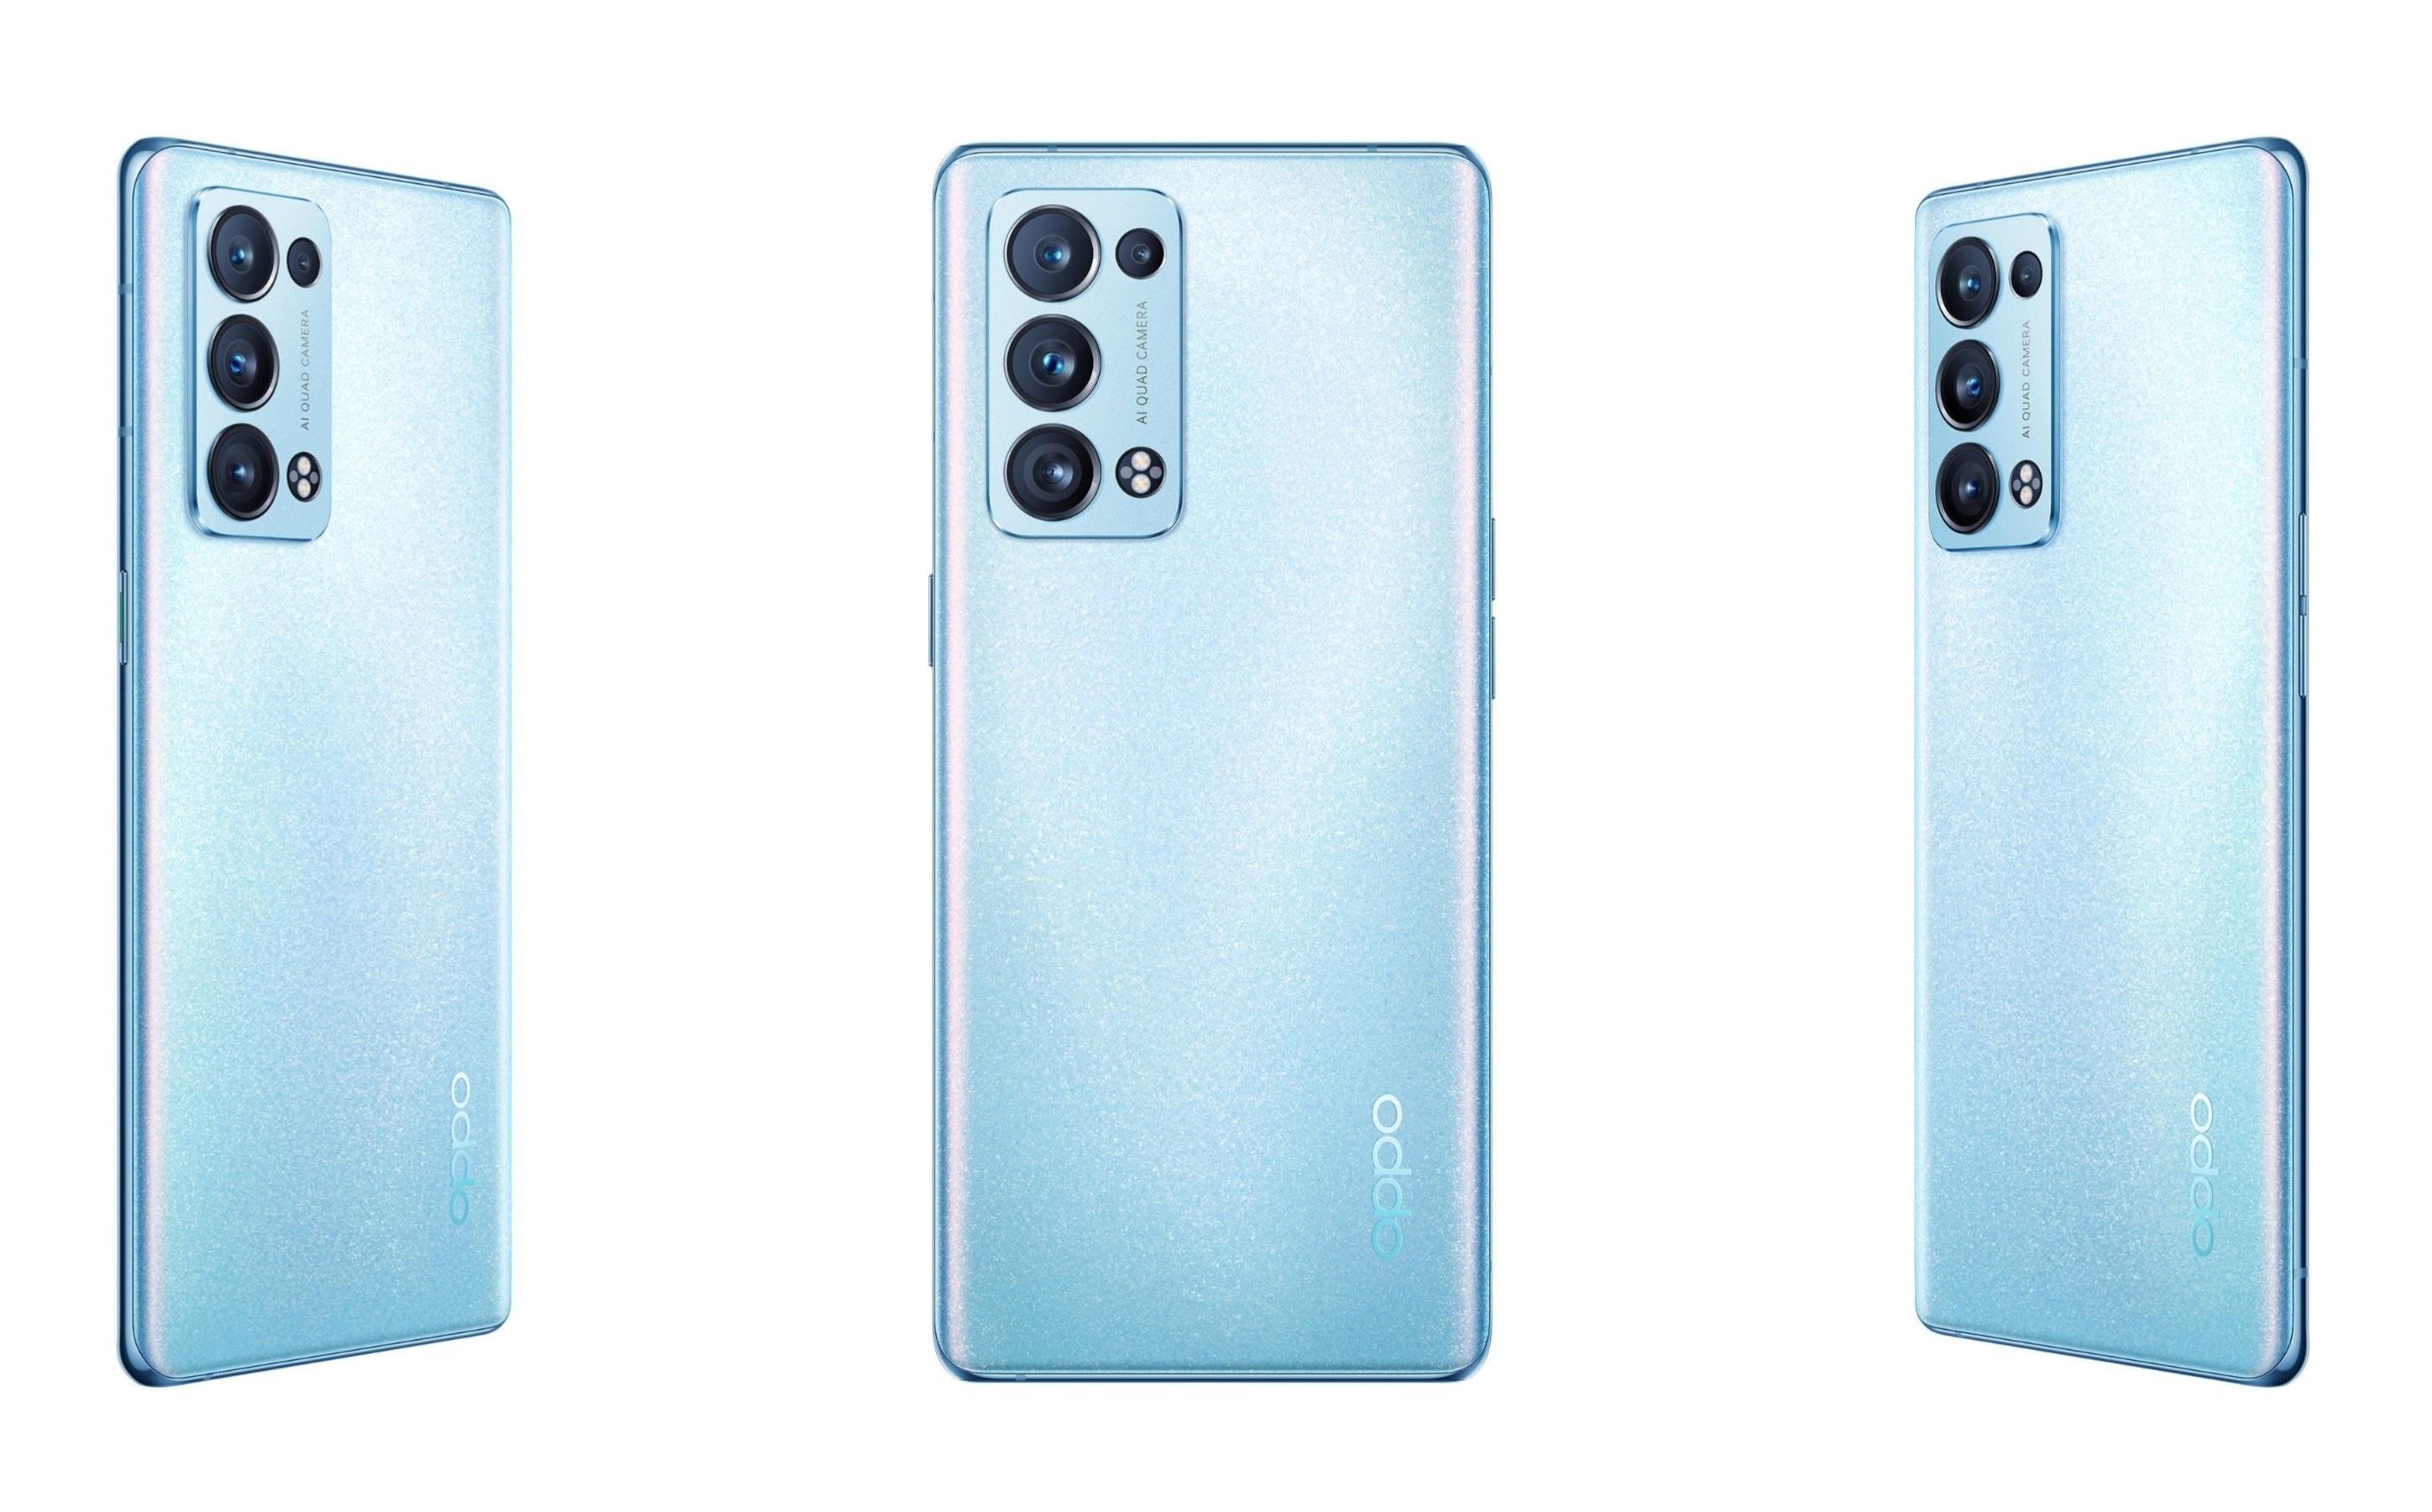 smartfon Oppo Reno 6 Pro smartphone